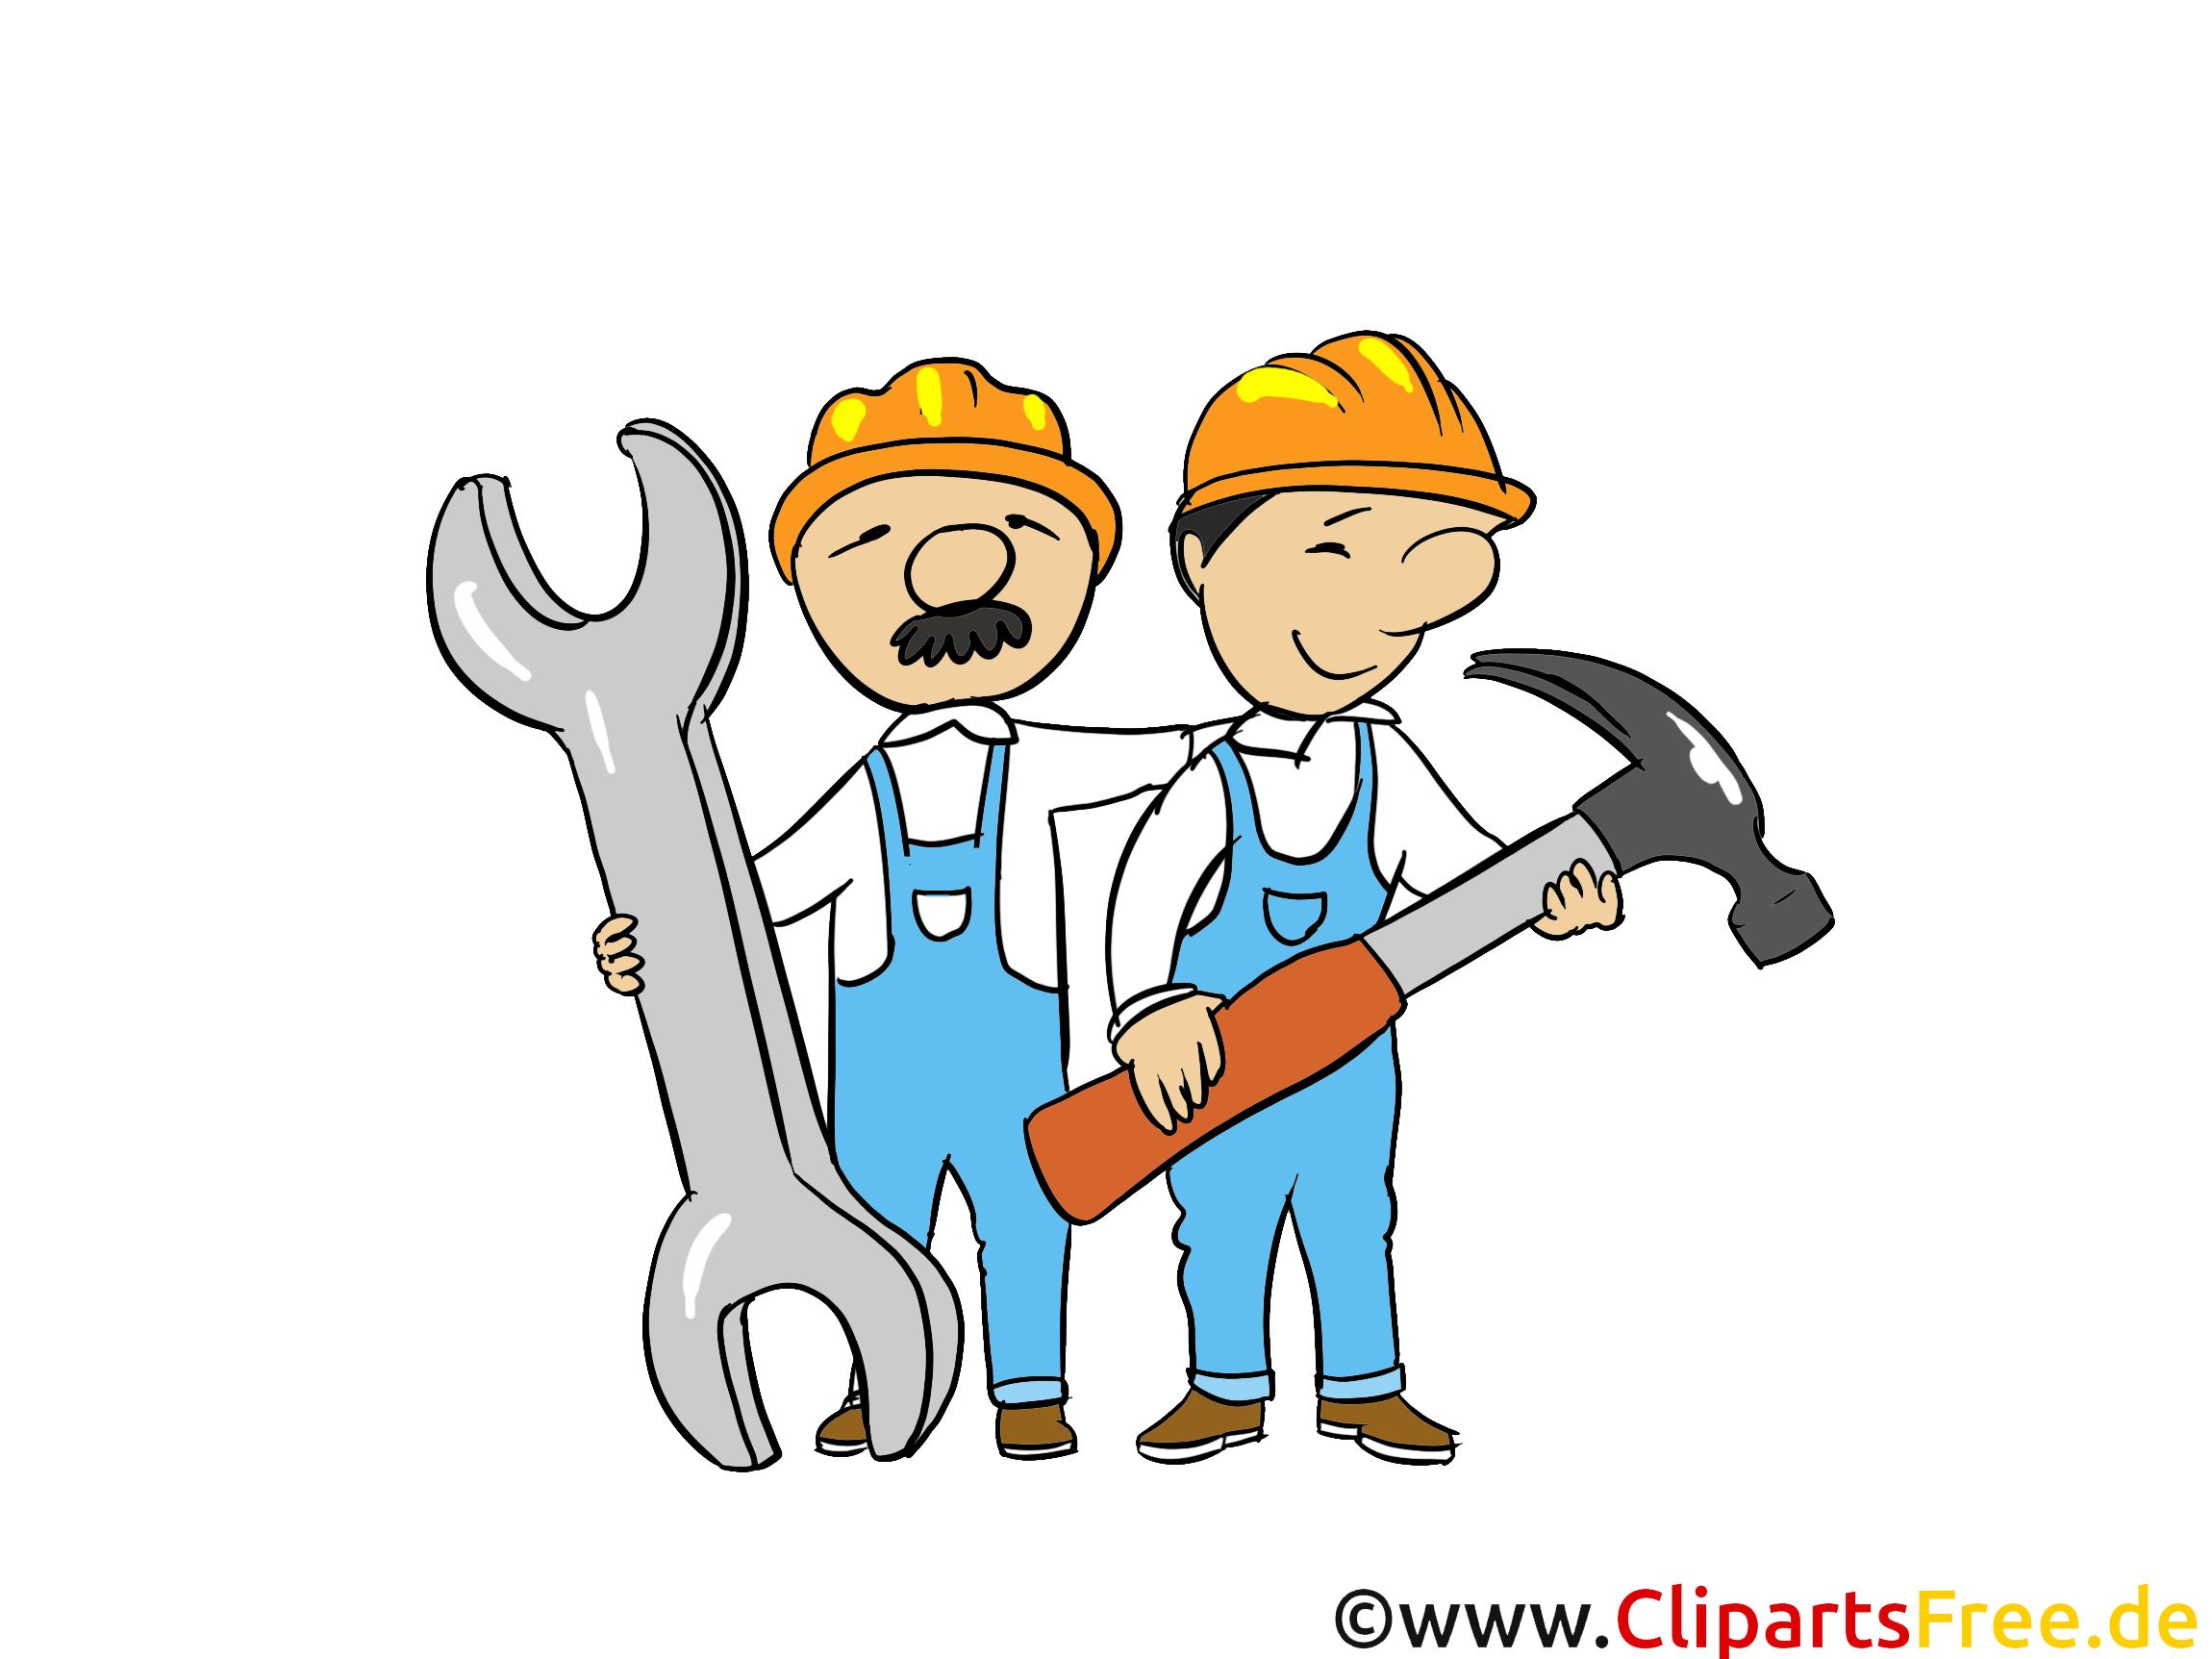 Handwerker zeichnung  Handwerker - Industrie Bilder, Wirtschaft Illustrationen, Business ...